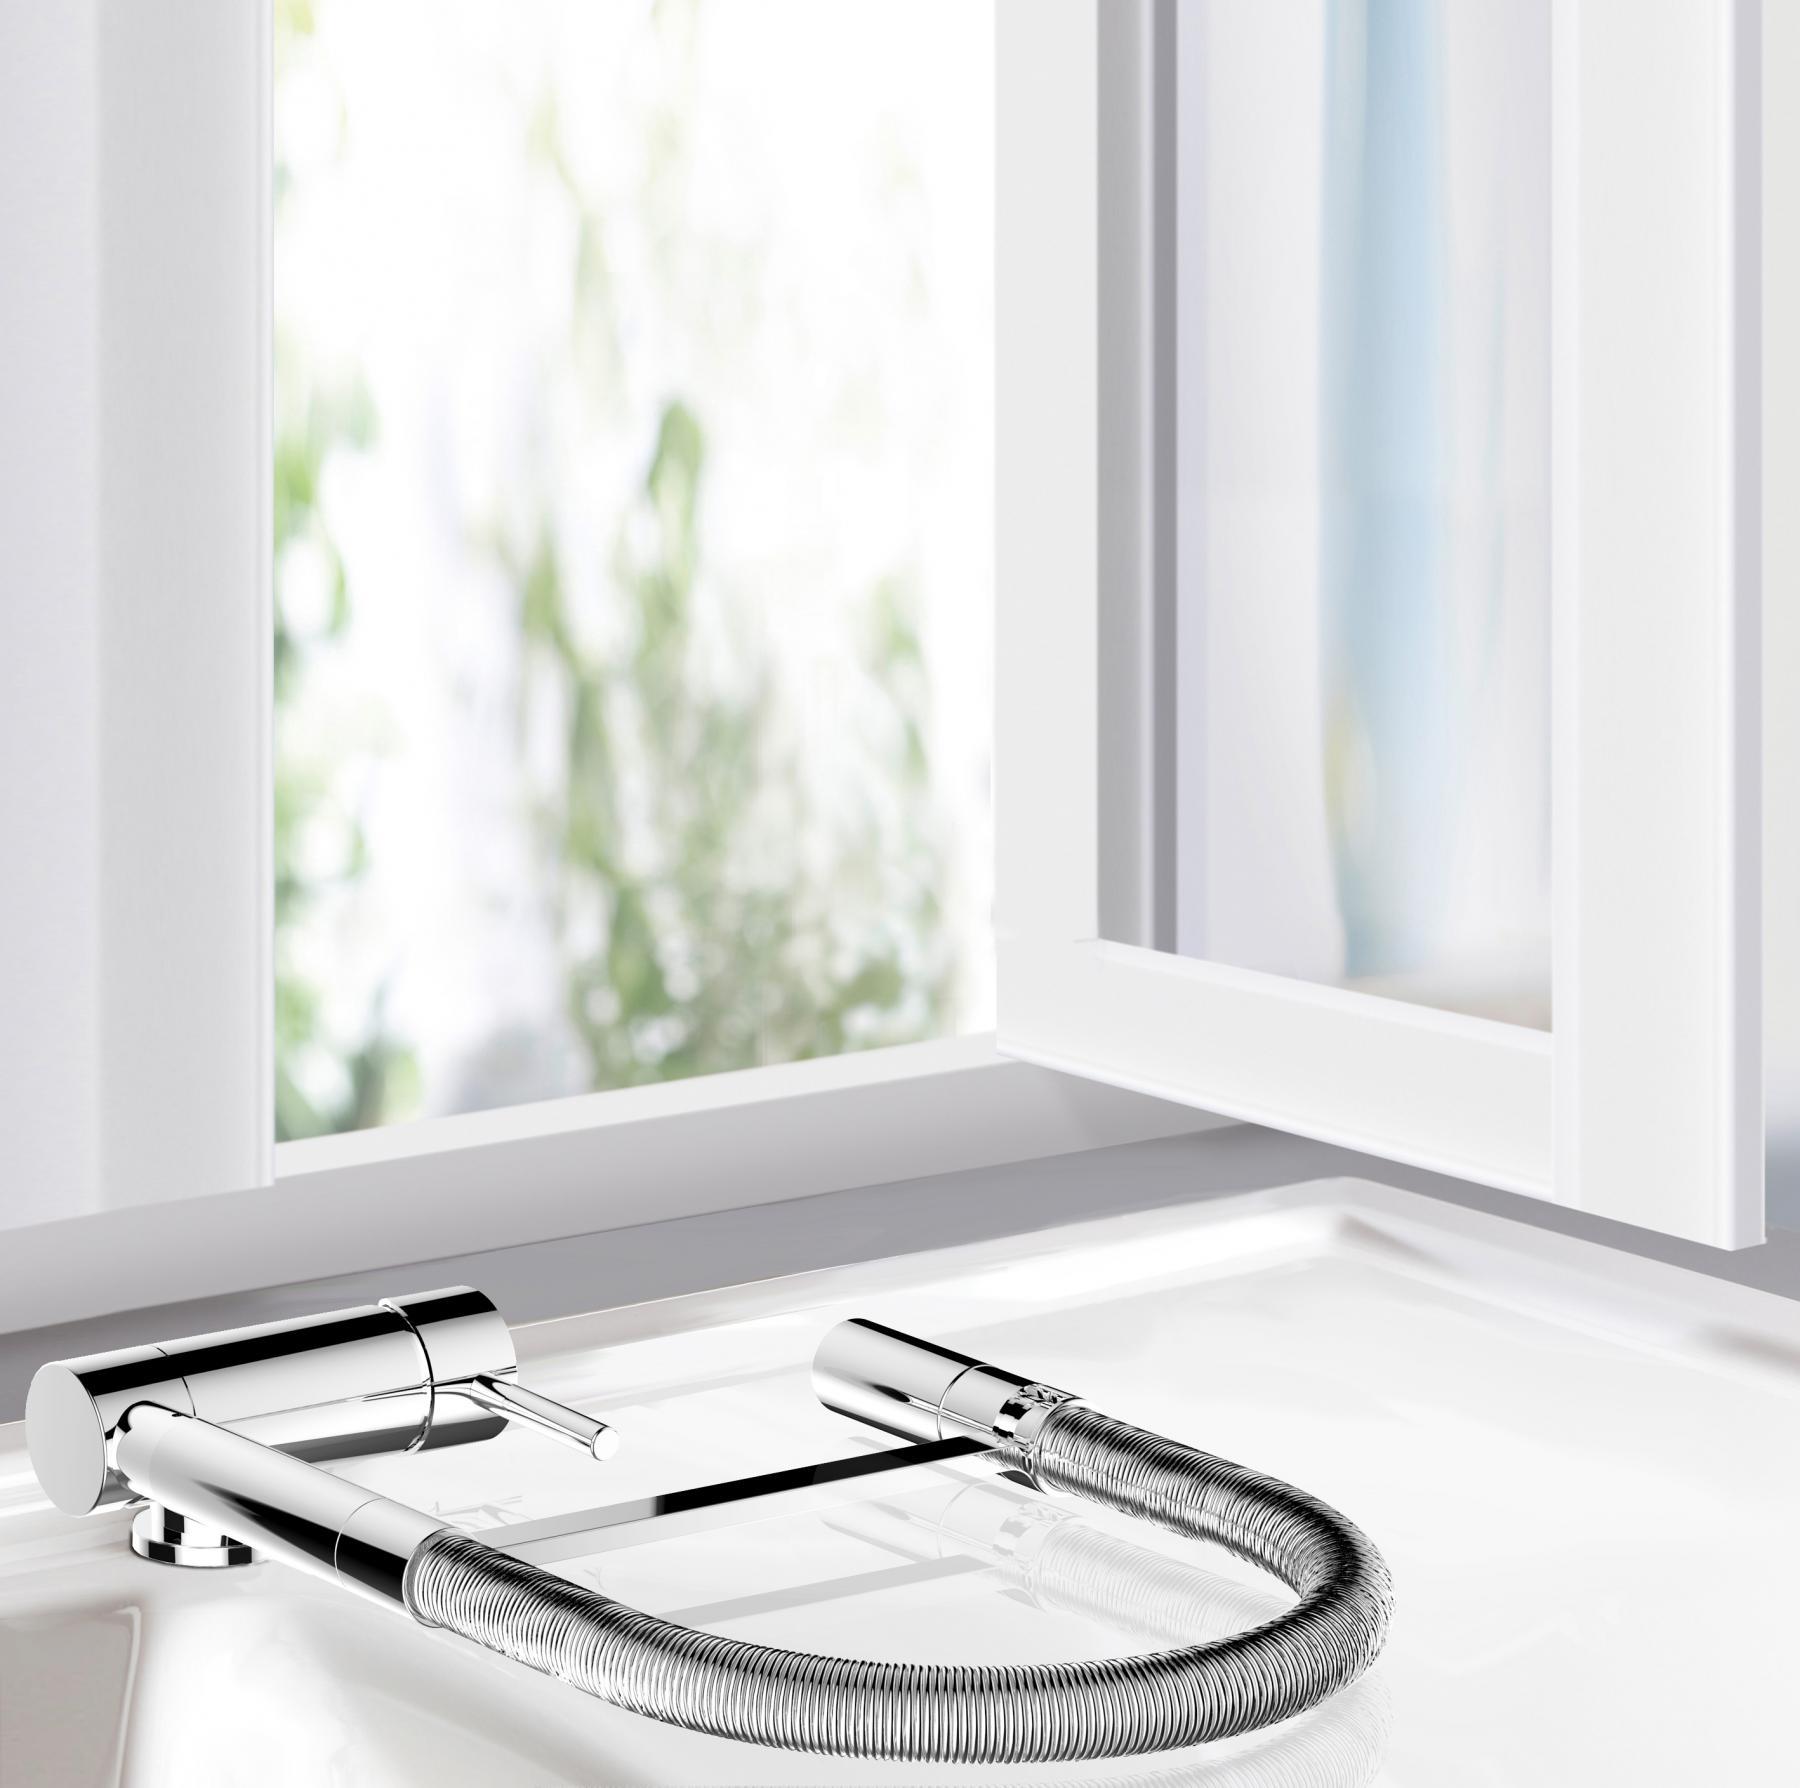 K chenarmatur k chenmischer unterfenster abklappbare absenkbare vorfenster - Vor fenster armatur ...